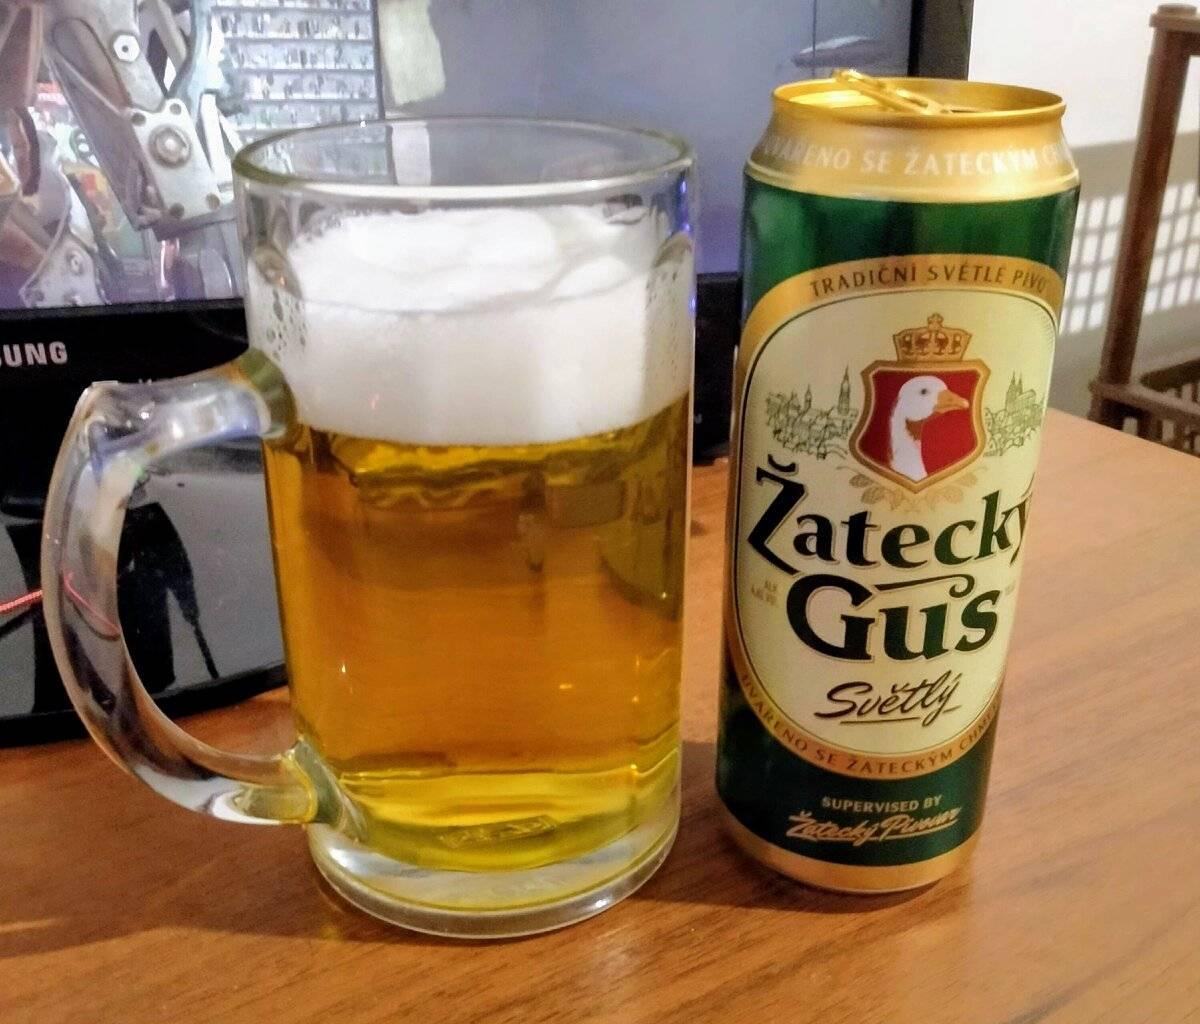 Пиво žatecký gus («жатецкий гусь»): описание пива и его особенности употребления (125 фото и видео)